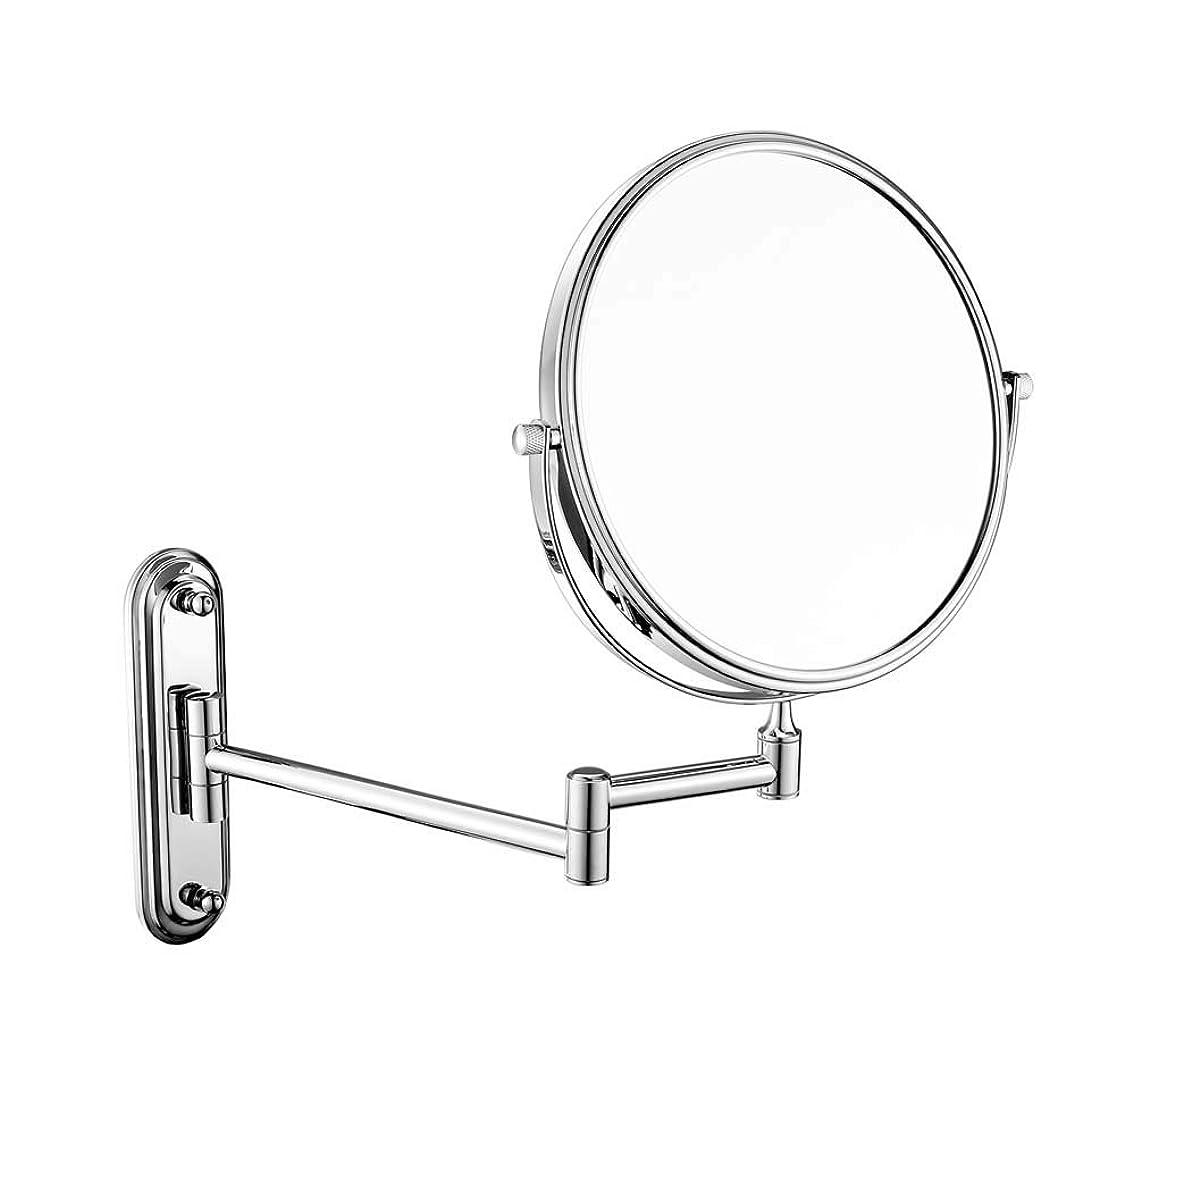 厳密に理論的大宇宙壁掛け浴室用ミラー両面化粧鏡3倍/ 5倍/ 7倍/ 10倍拡大虚栄心拡大鏡回転、お風呂、スパ、ホテル用拡張可能 (色 : Metal, サイズ さいず : 8 inch-7x)